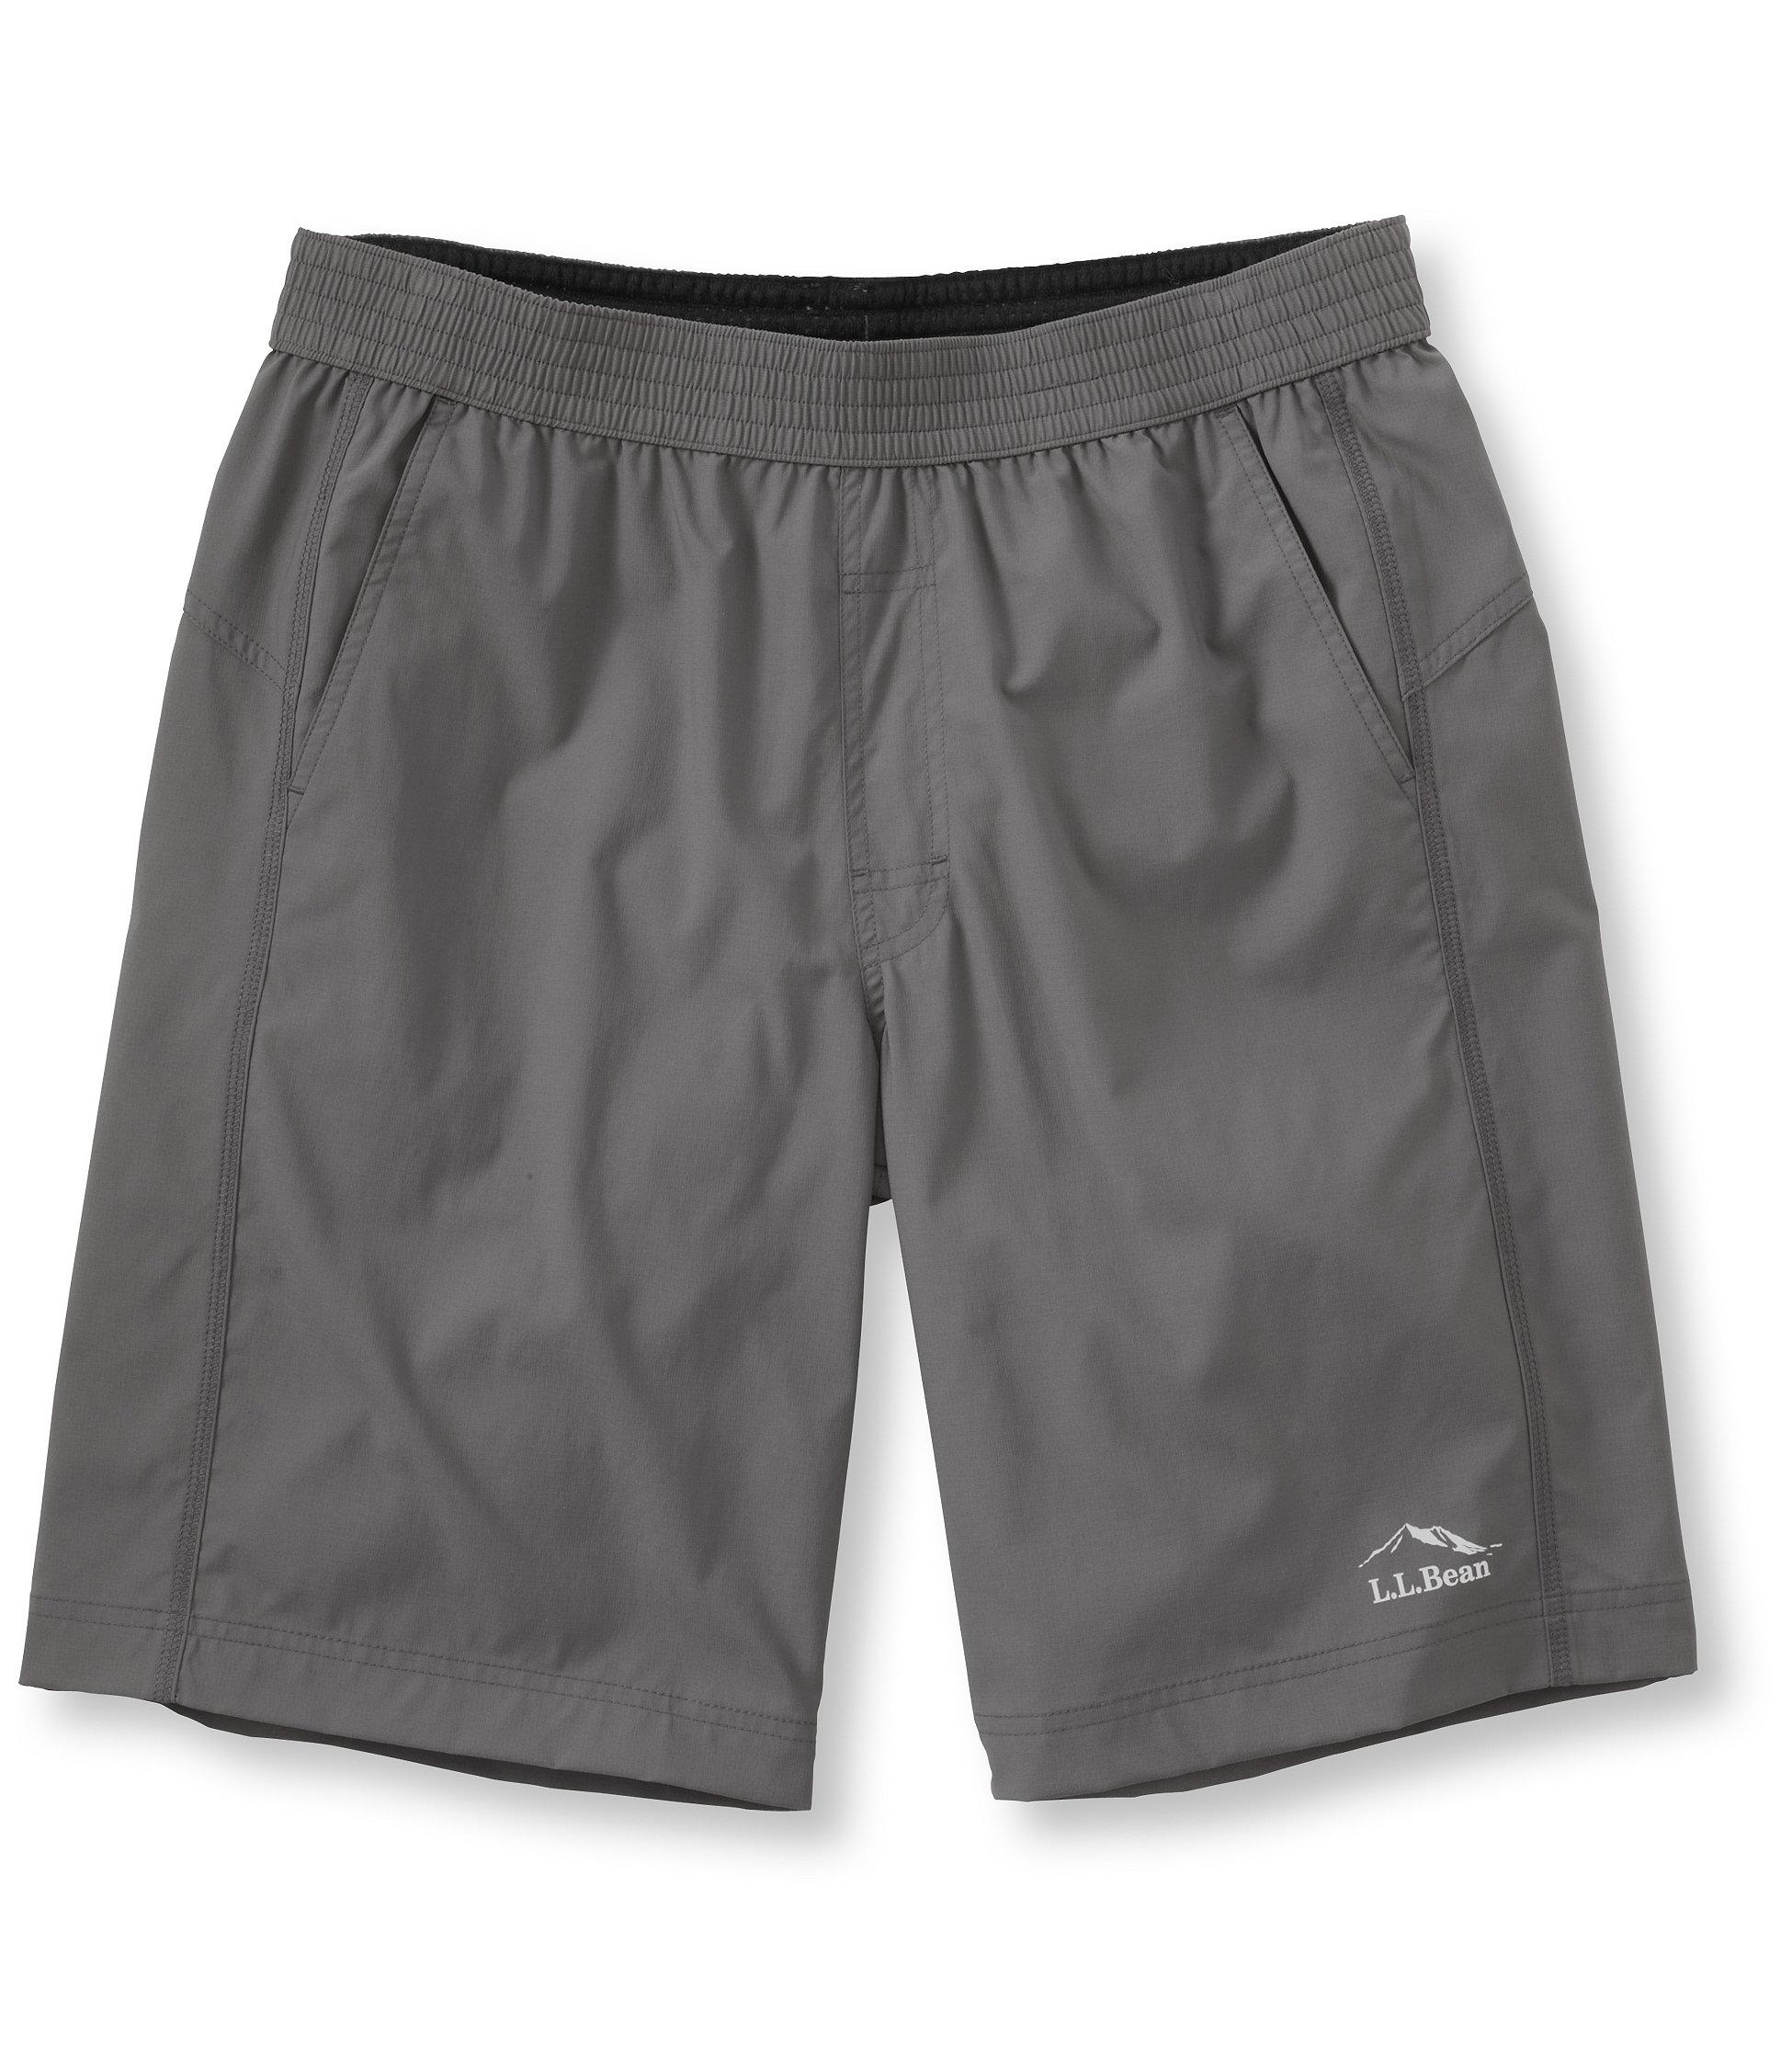 L.L.Bean MultiSport Shorts